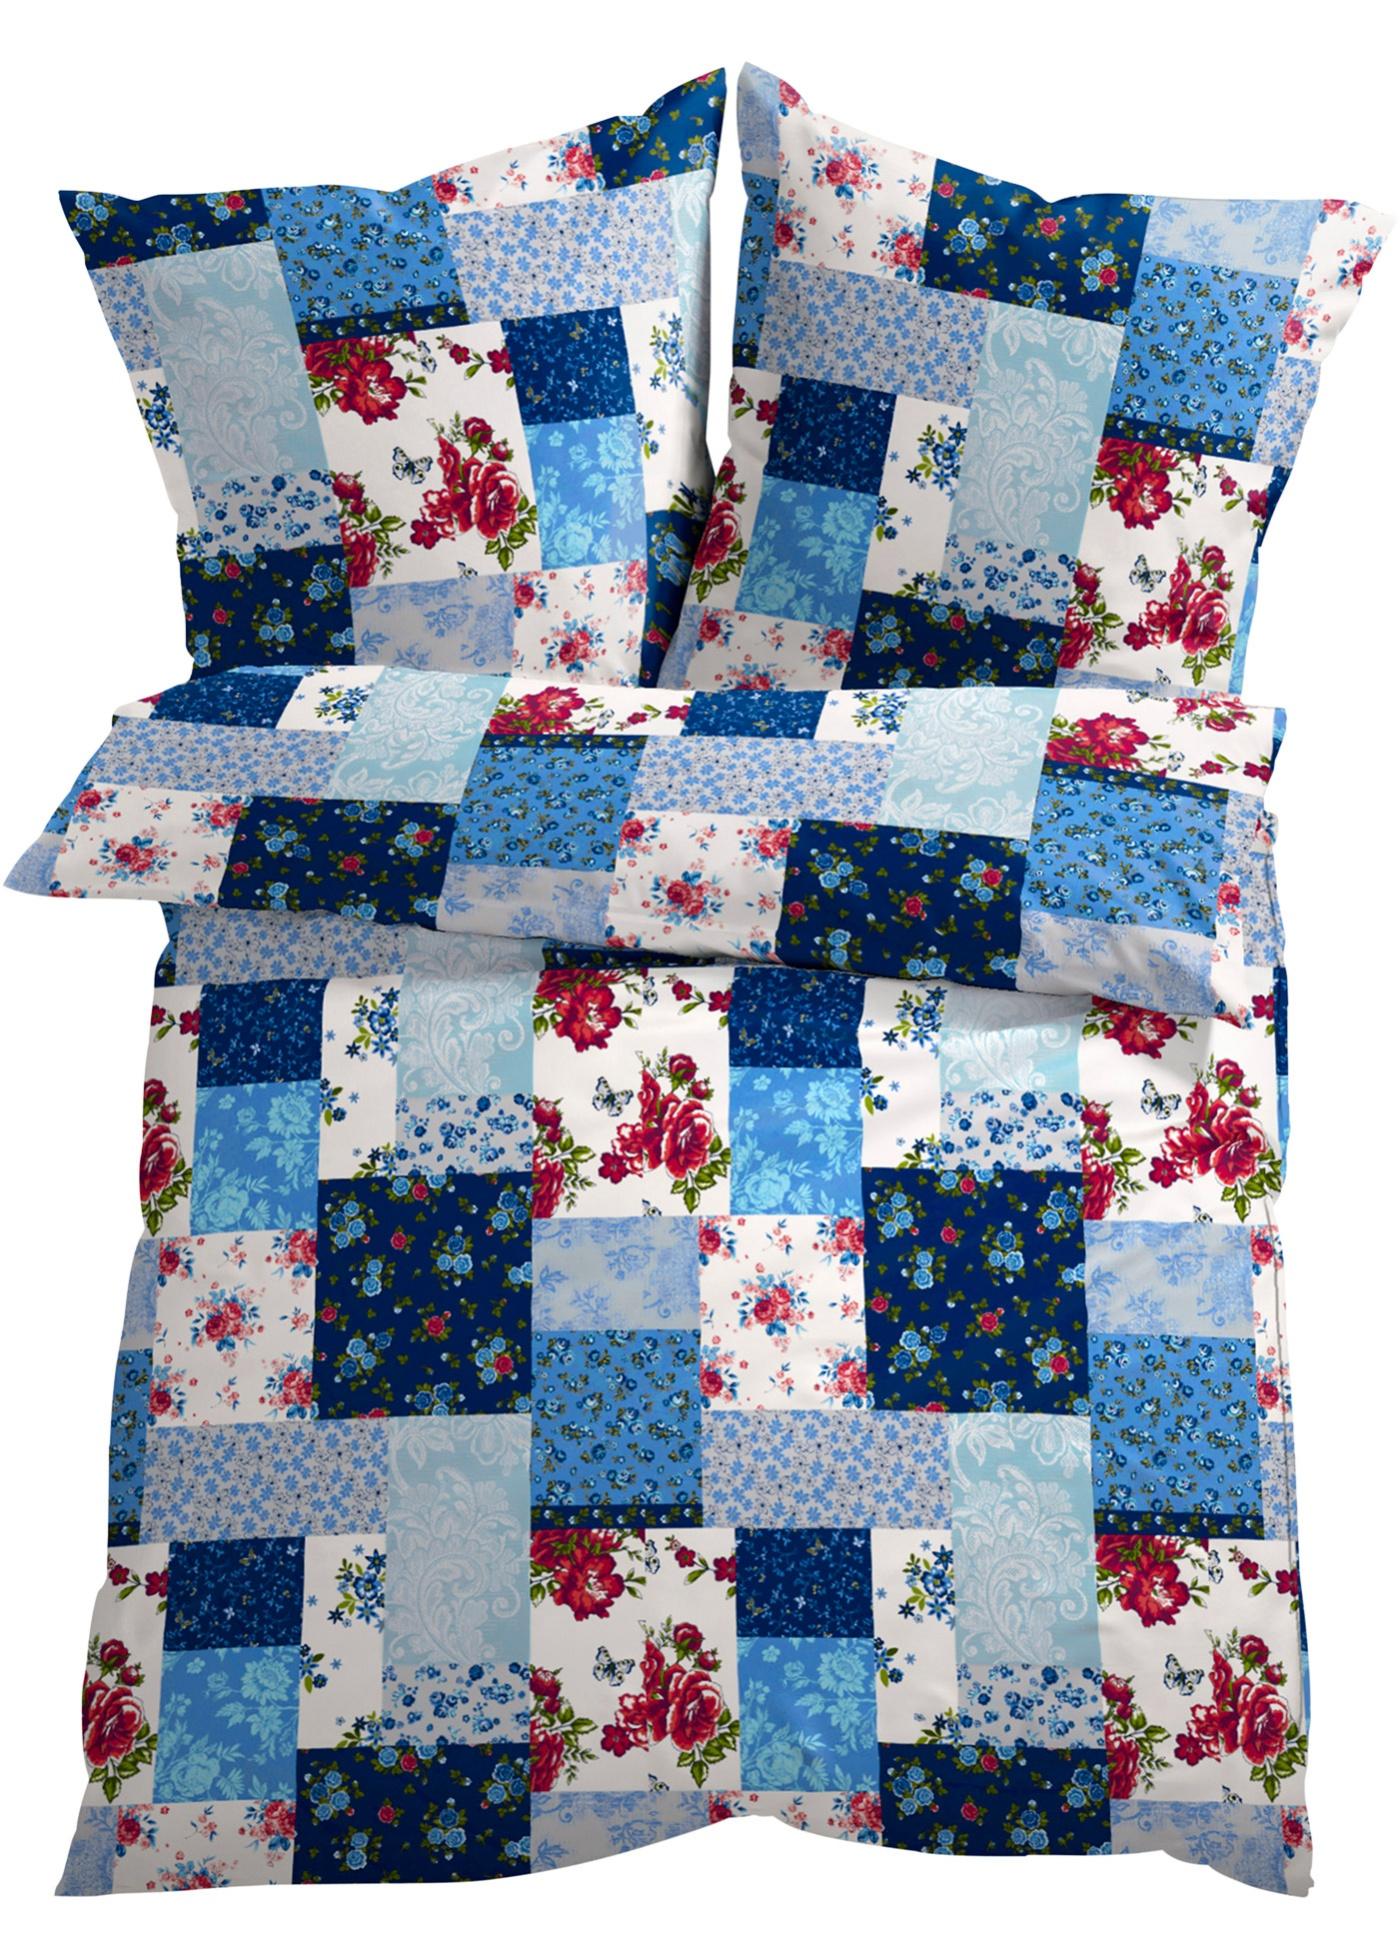 """Superbe linge de lit à l""""imprimé patchwork romantique. Jolie combinaison de coloris et divers motifs fleuris pour mettre de la bonne humeur dans votre chambre à coucher. Plusieurs matières disponibles."""